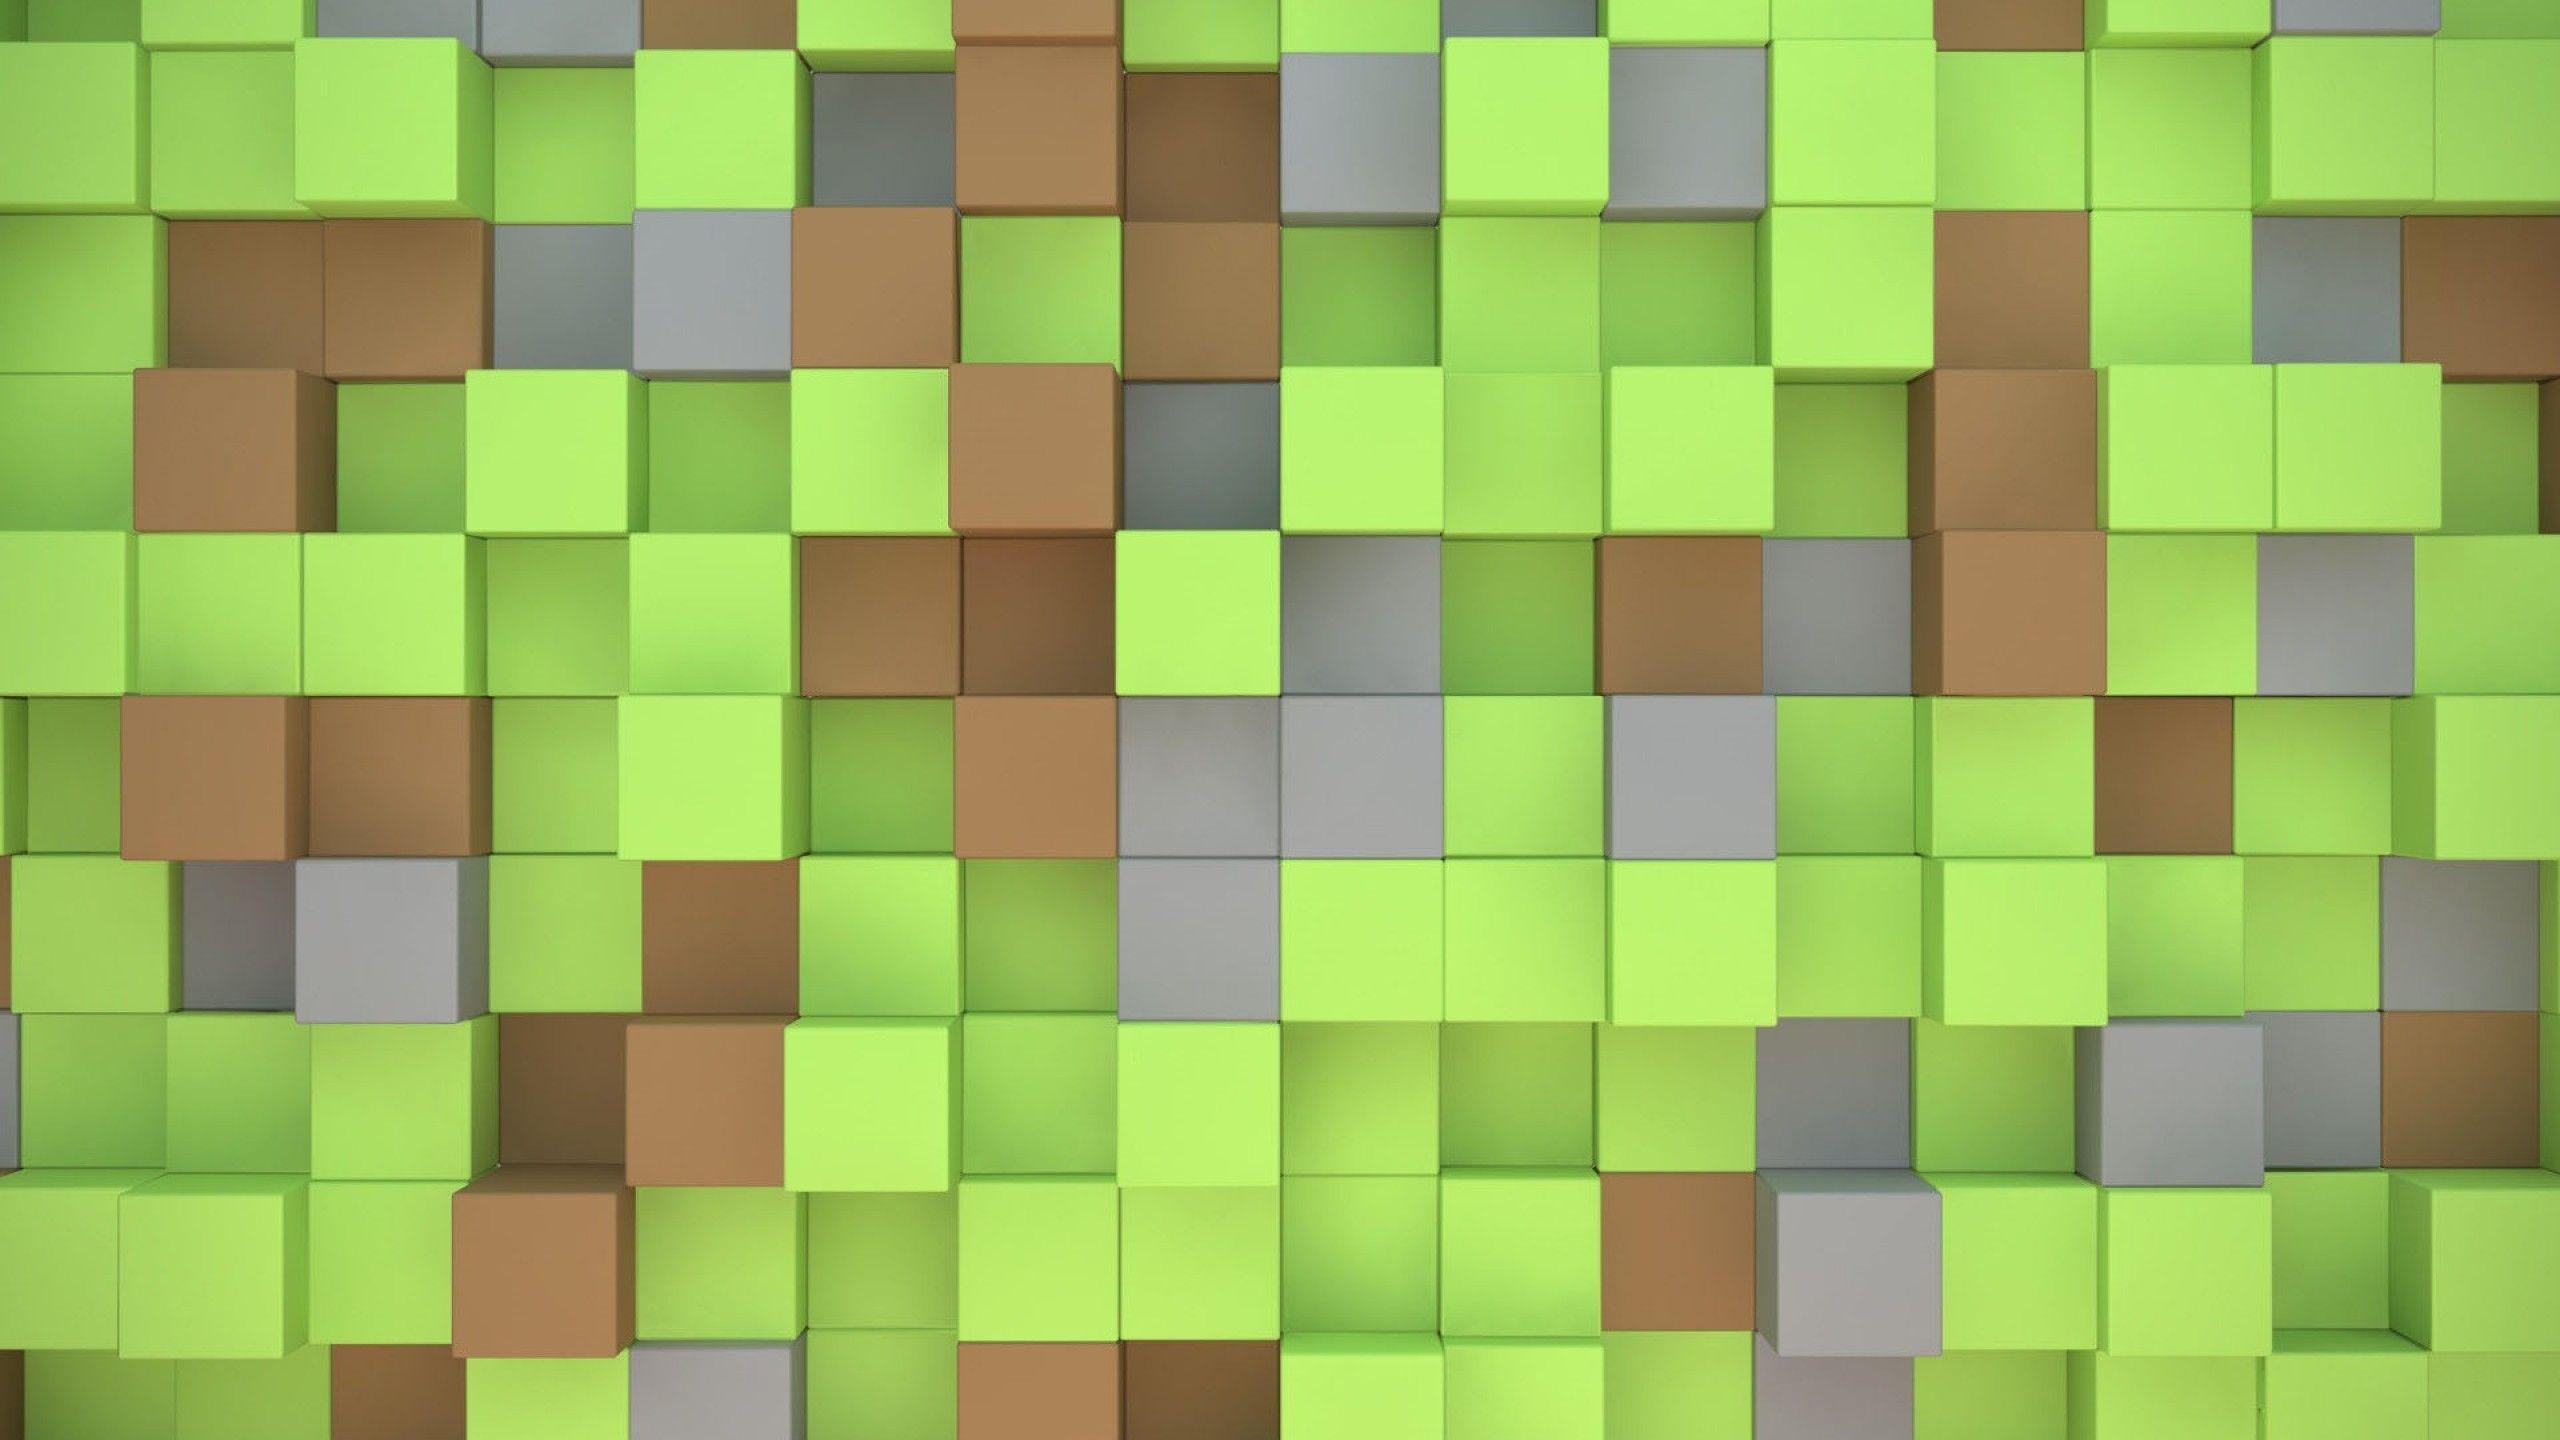 minecraft cubes 3D 1440x2560 Minecraft wallpaper HD 2560x1440